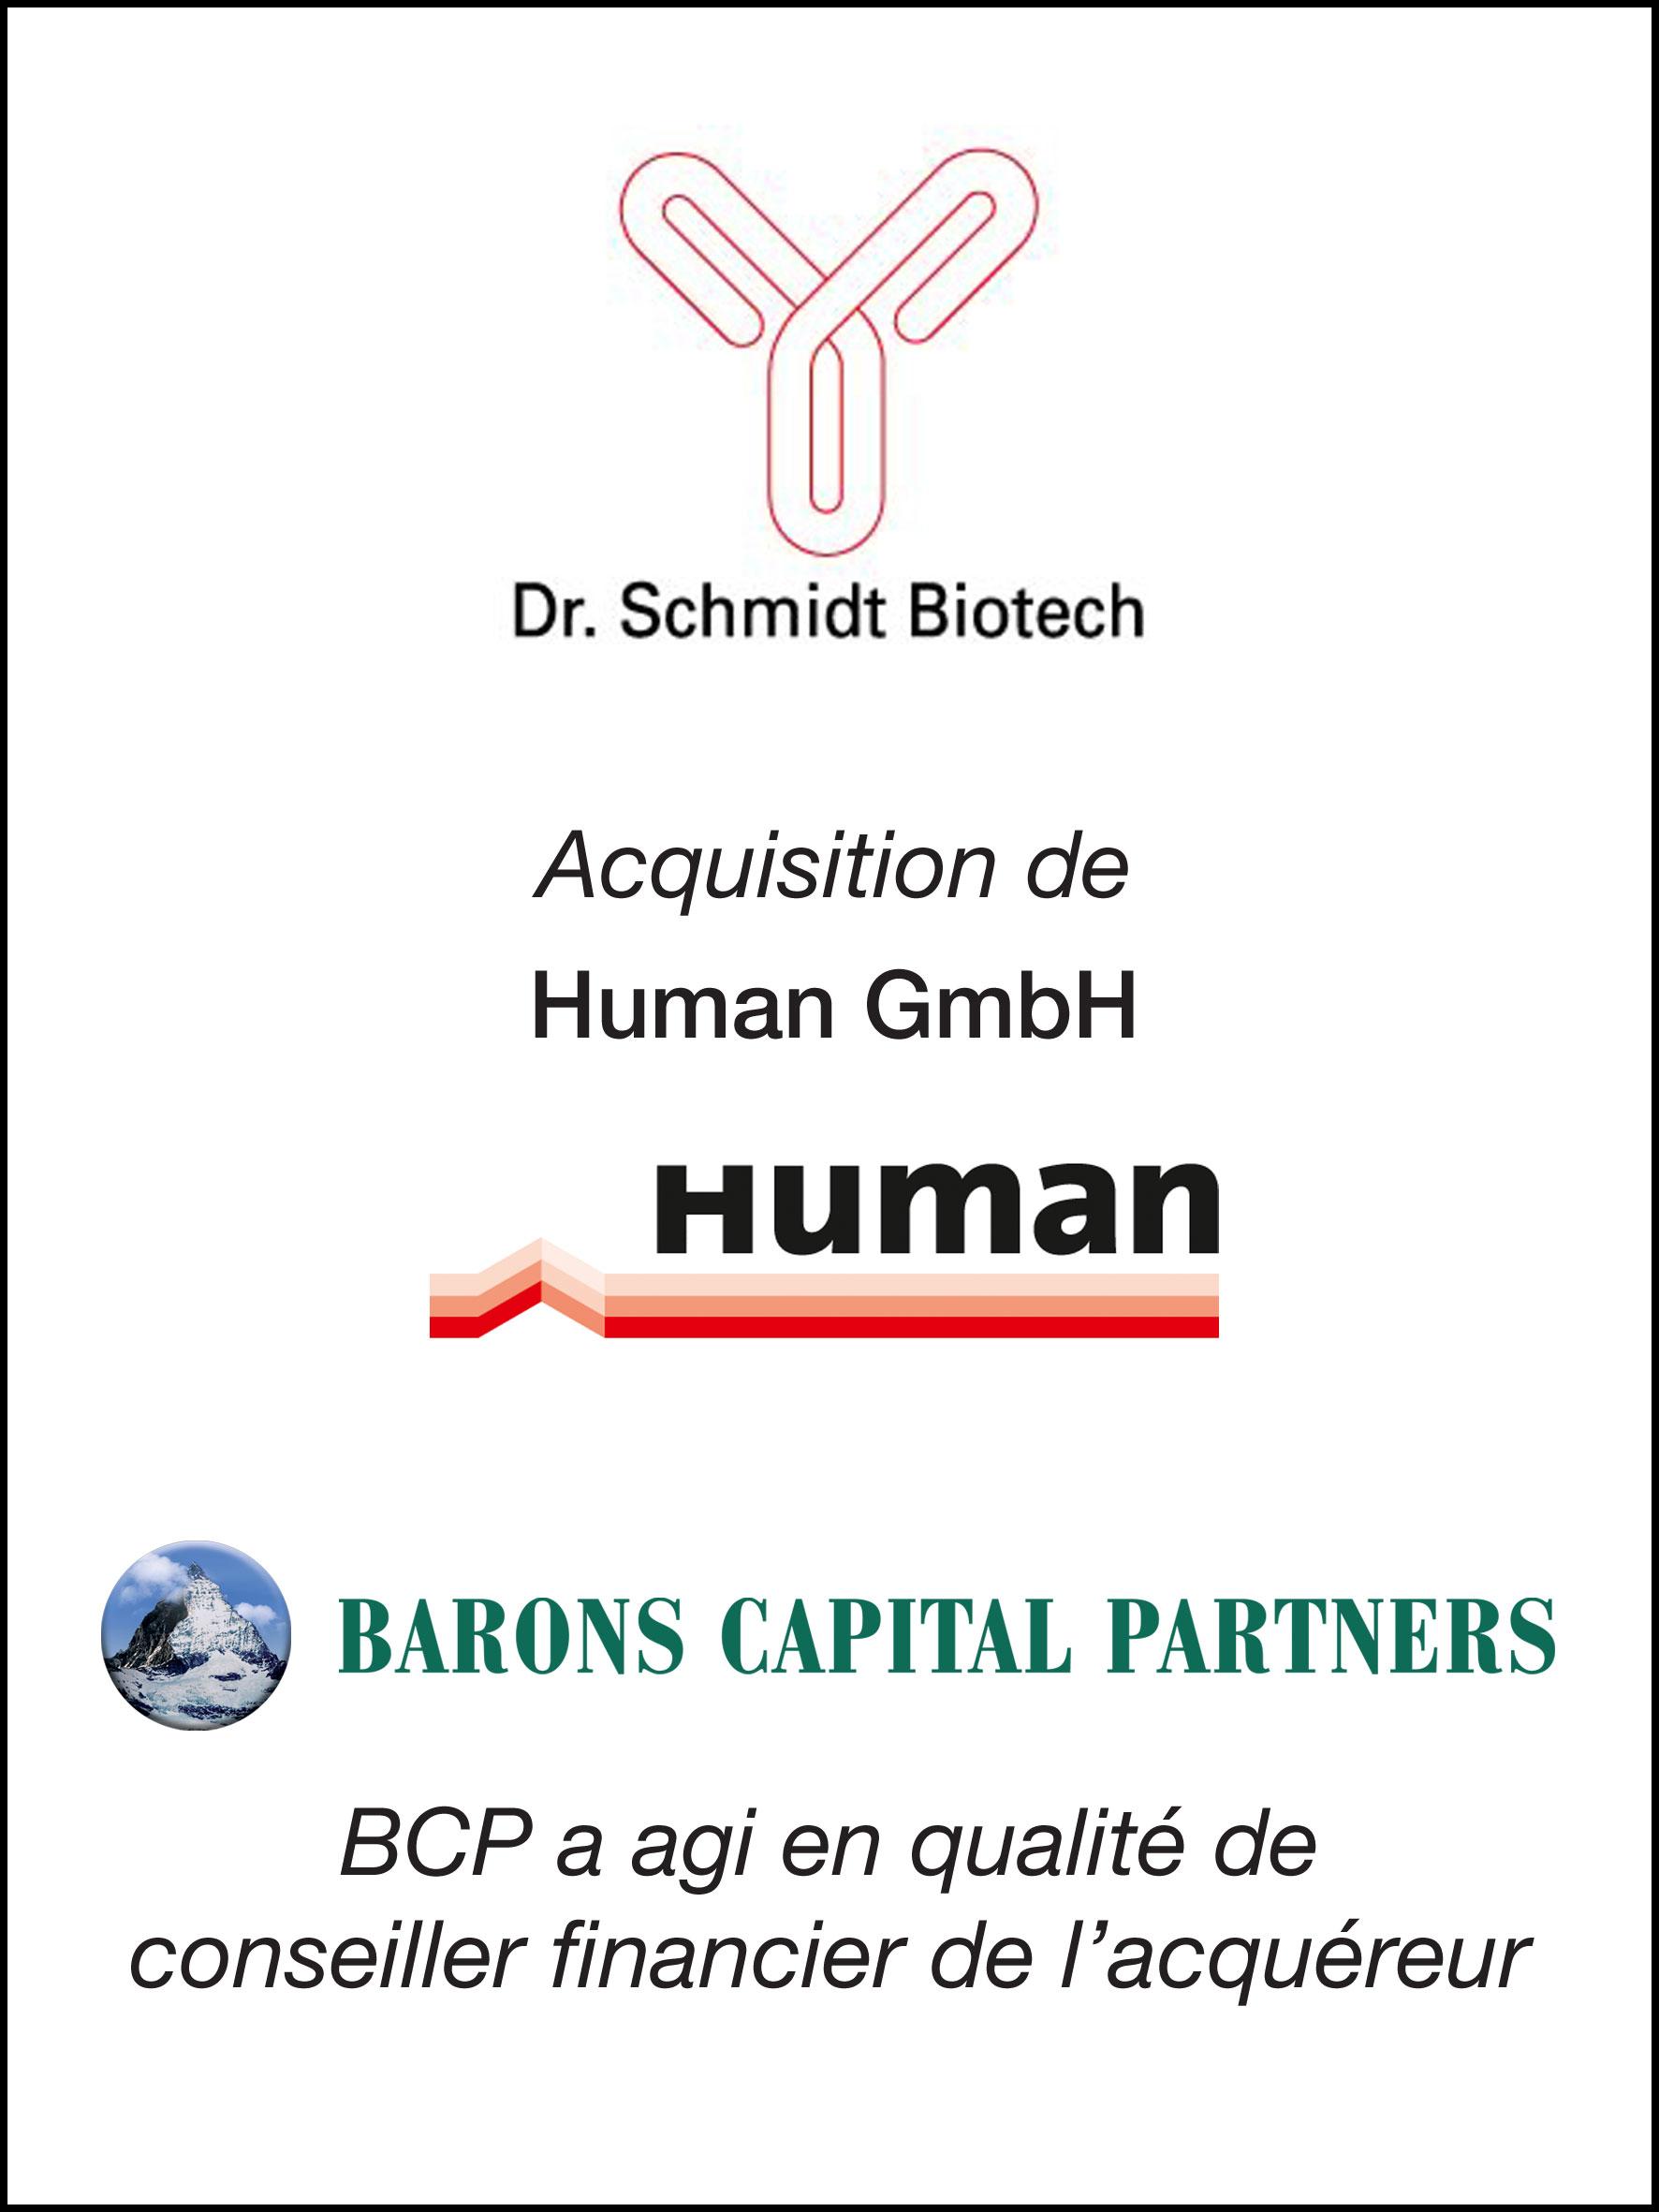 18_HUMAN Gesellschaft für Biochemica und Diagnostica mbH_F